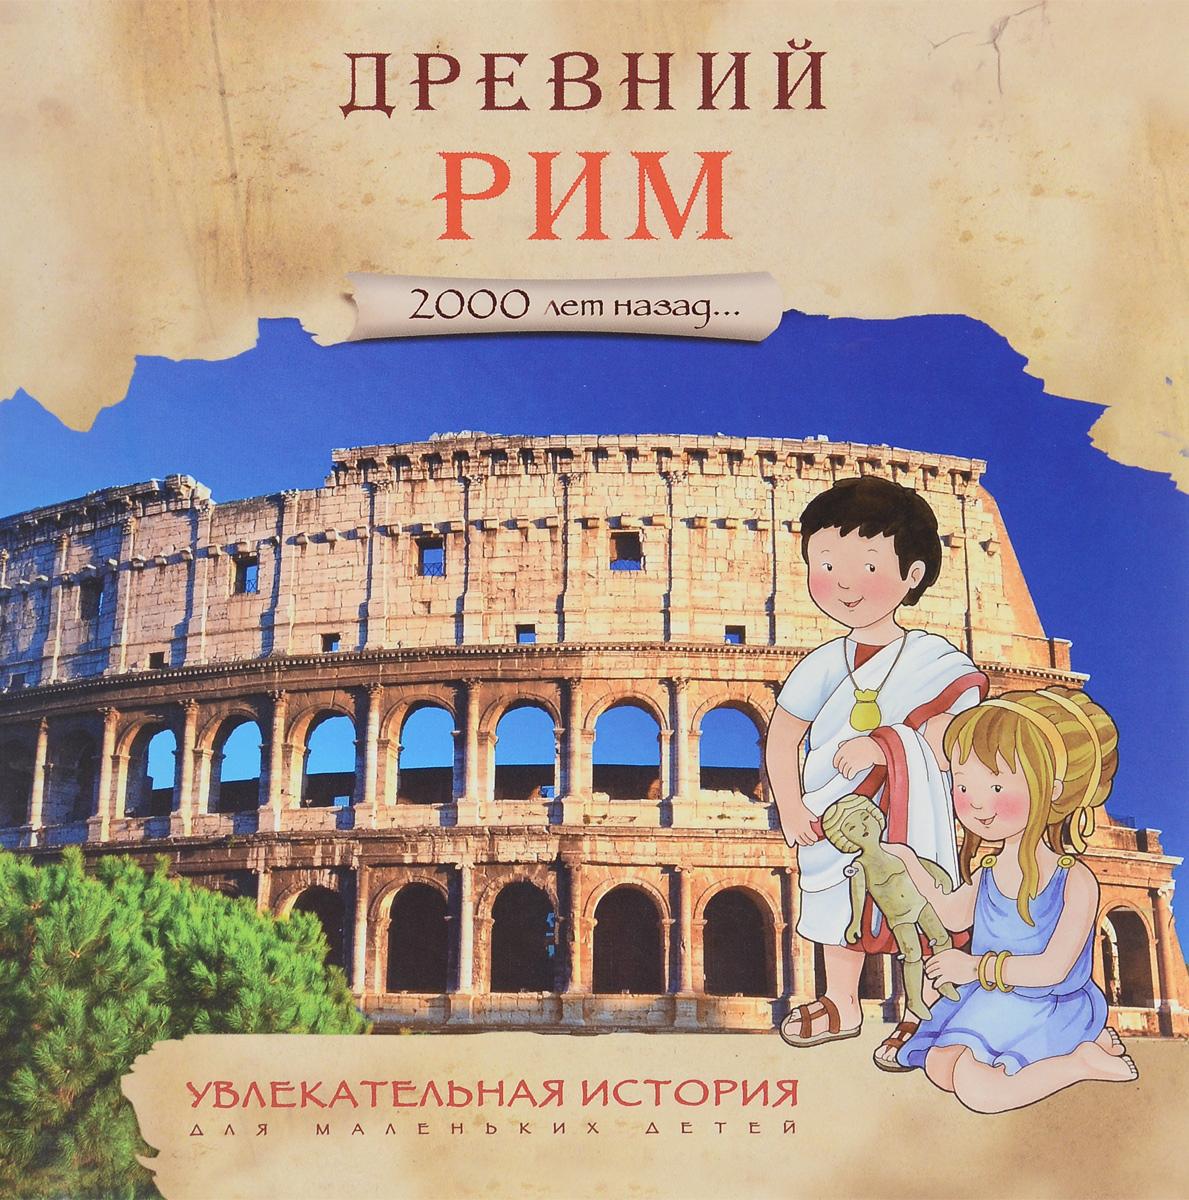 2000 лет назад. Древний Рим. Увлекательная история для маленьких детей